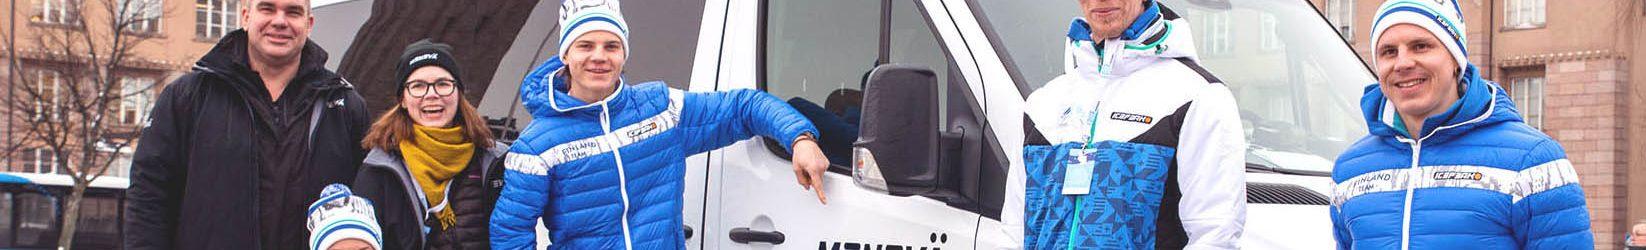 Menevästä Suomen Paralympiakomitean yhteistyökumppani